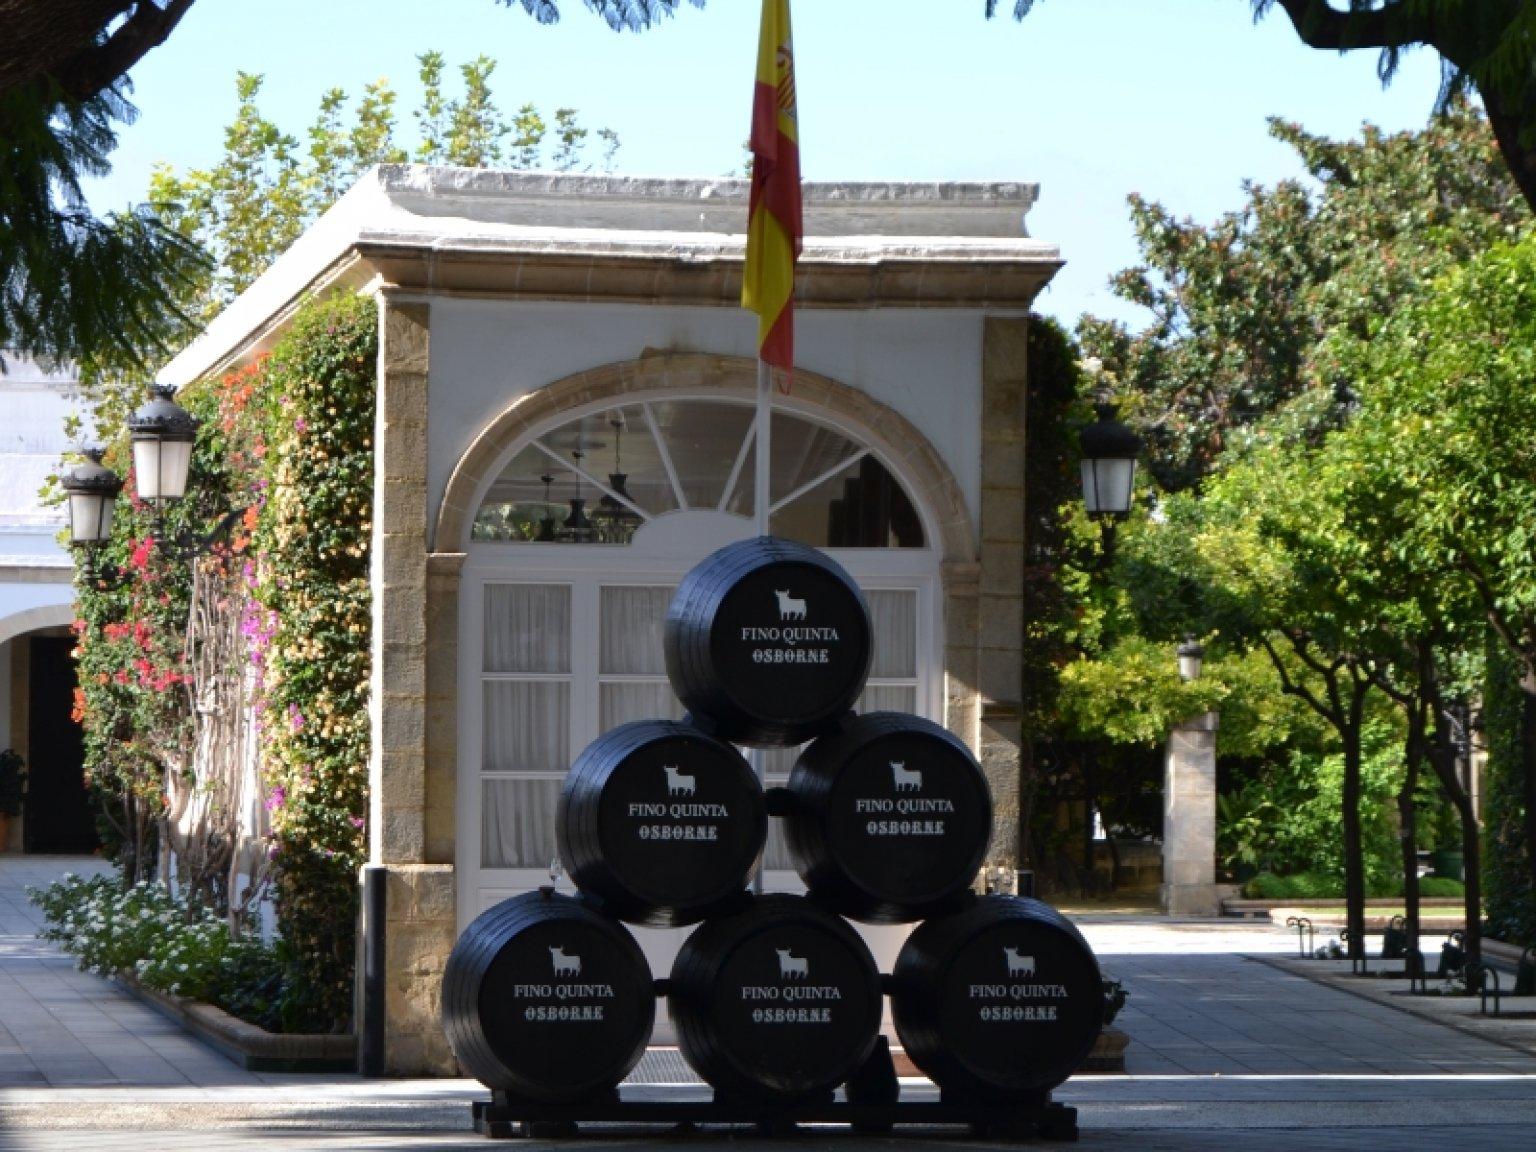 Las bodegas españolas poco a poco están ganando más adeptos. (Foto: Difusión)